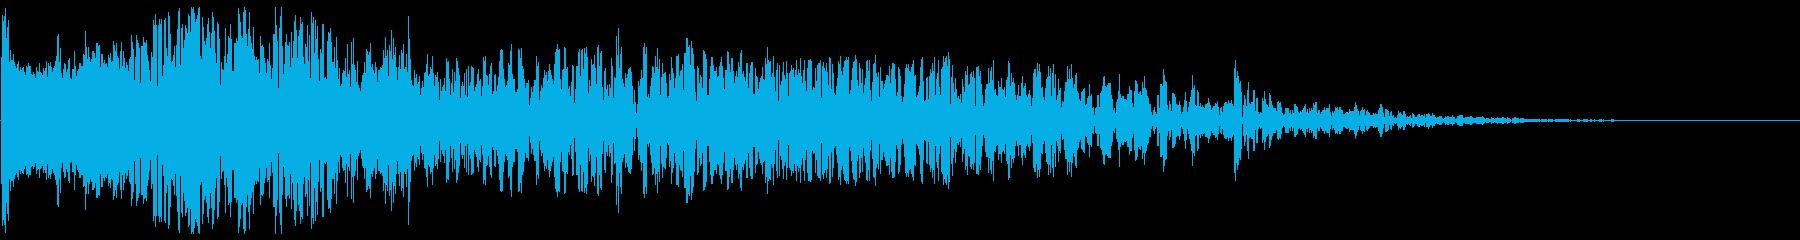 爆発音・大砲5の再生済みの波形